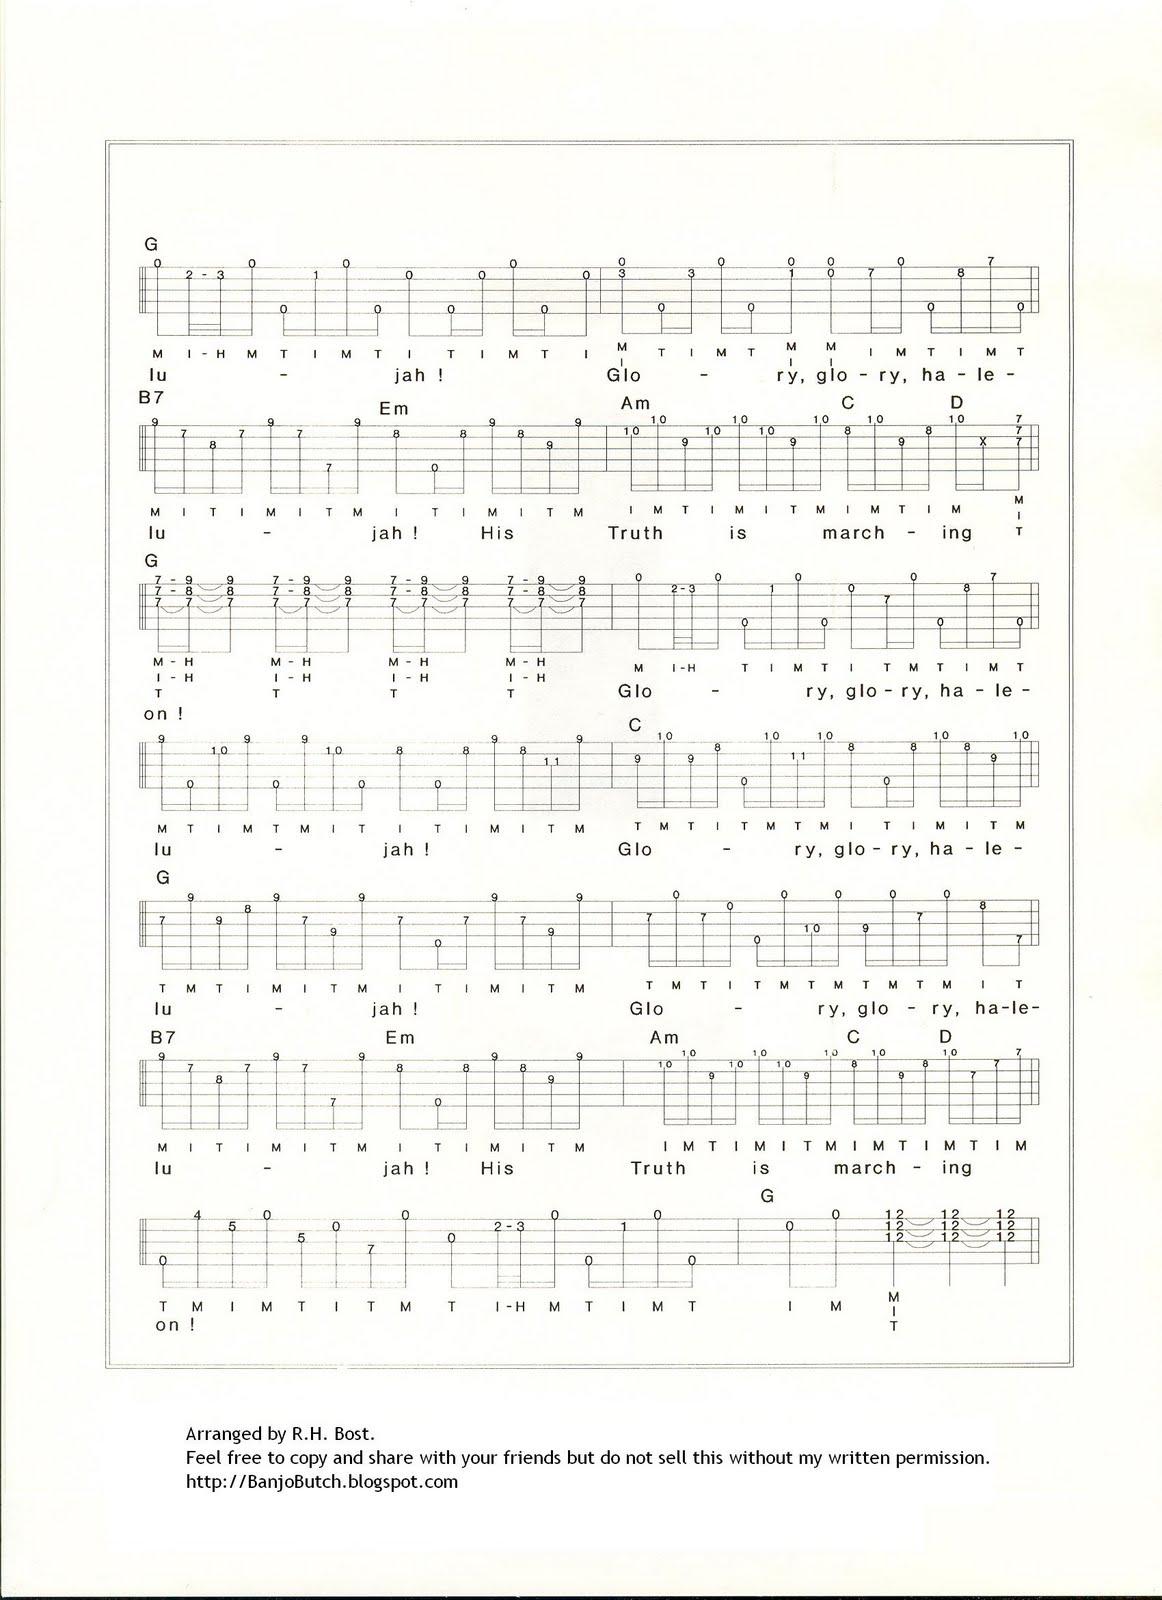 Battle Hymn - page 2